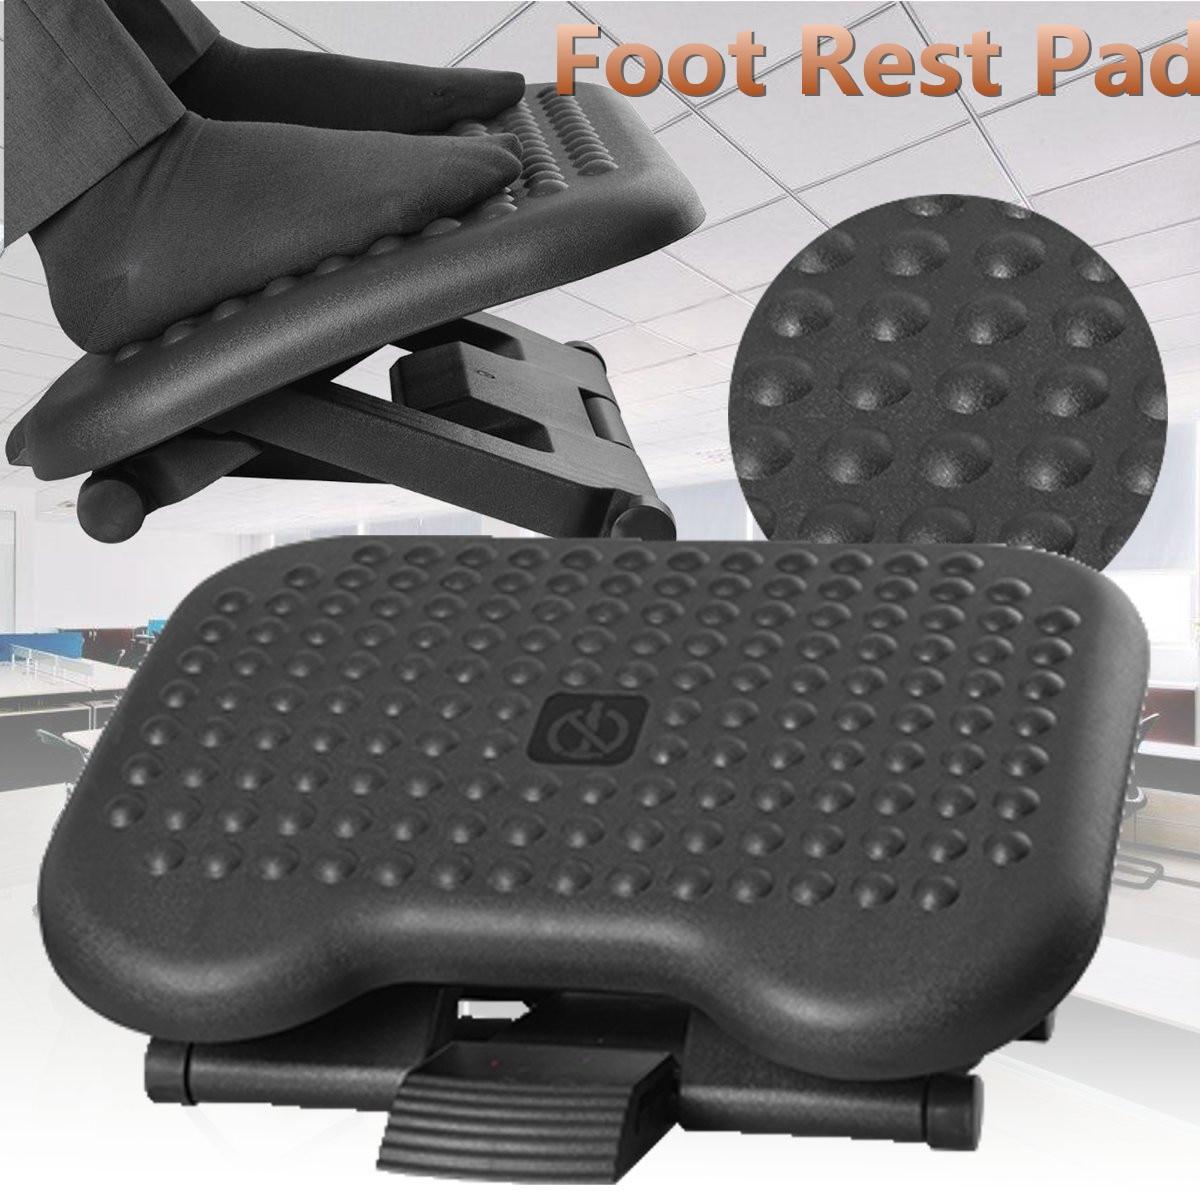 Adjustable Tilting Footrest Under Desk Ergonomic Massager Multifunction Foot Rest Pad Footstool Home Office Health Care Black